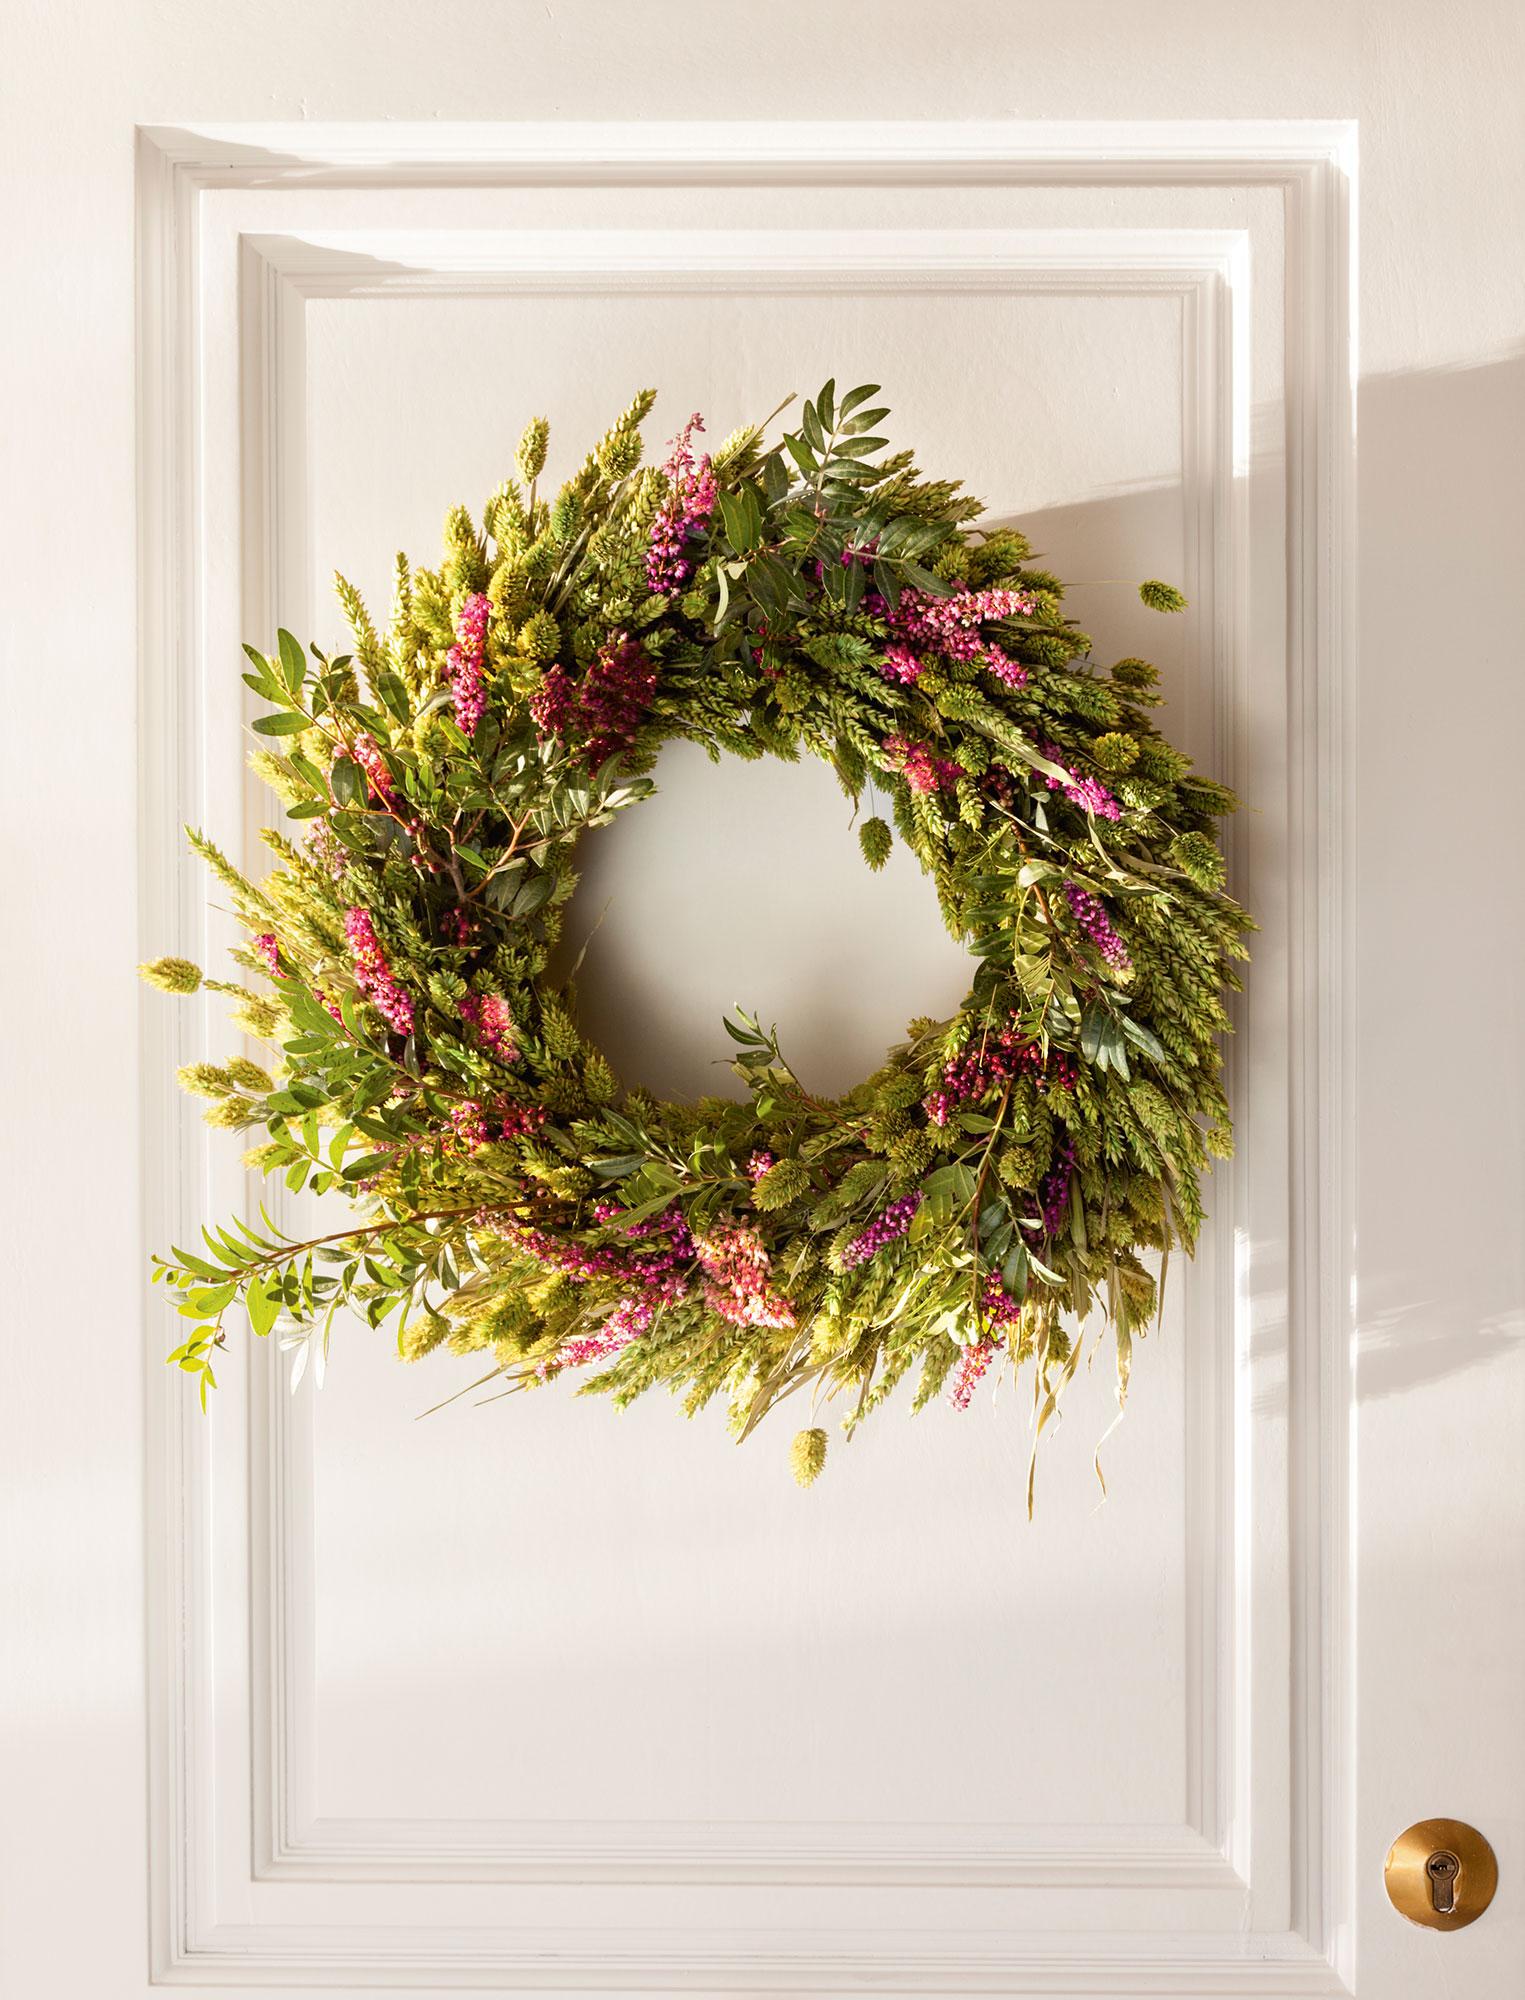 Detalle de corona de Navidad hecha con trigo, plumas y bayas